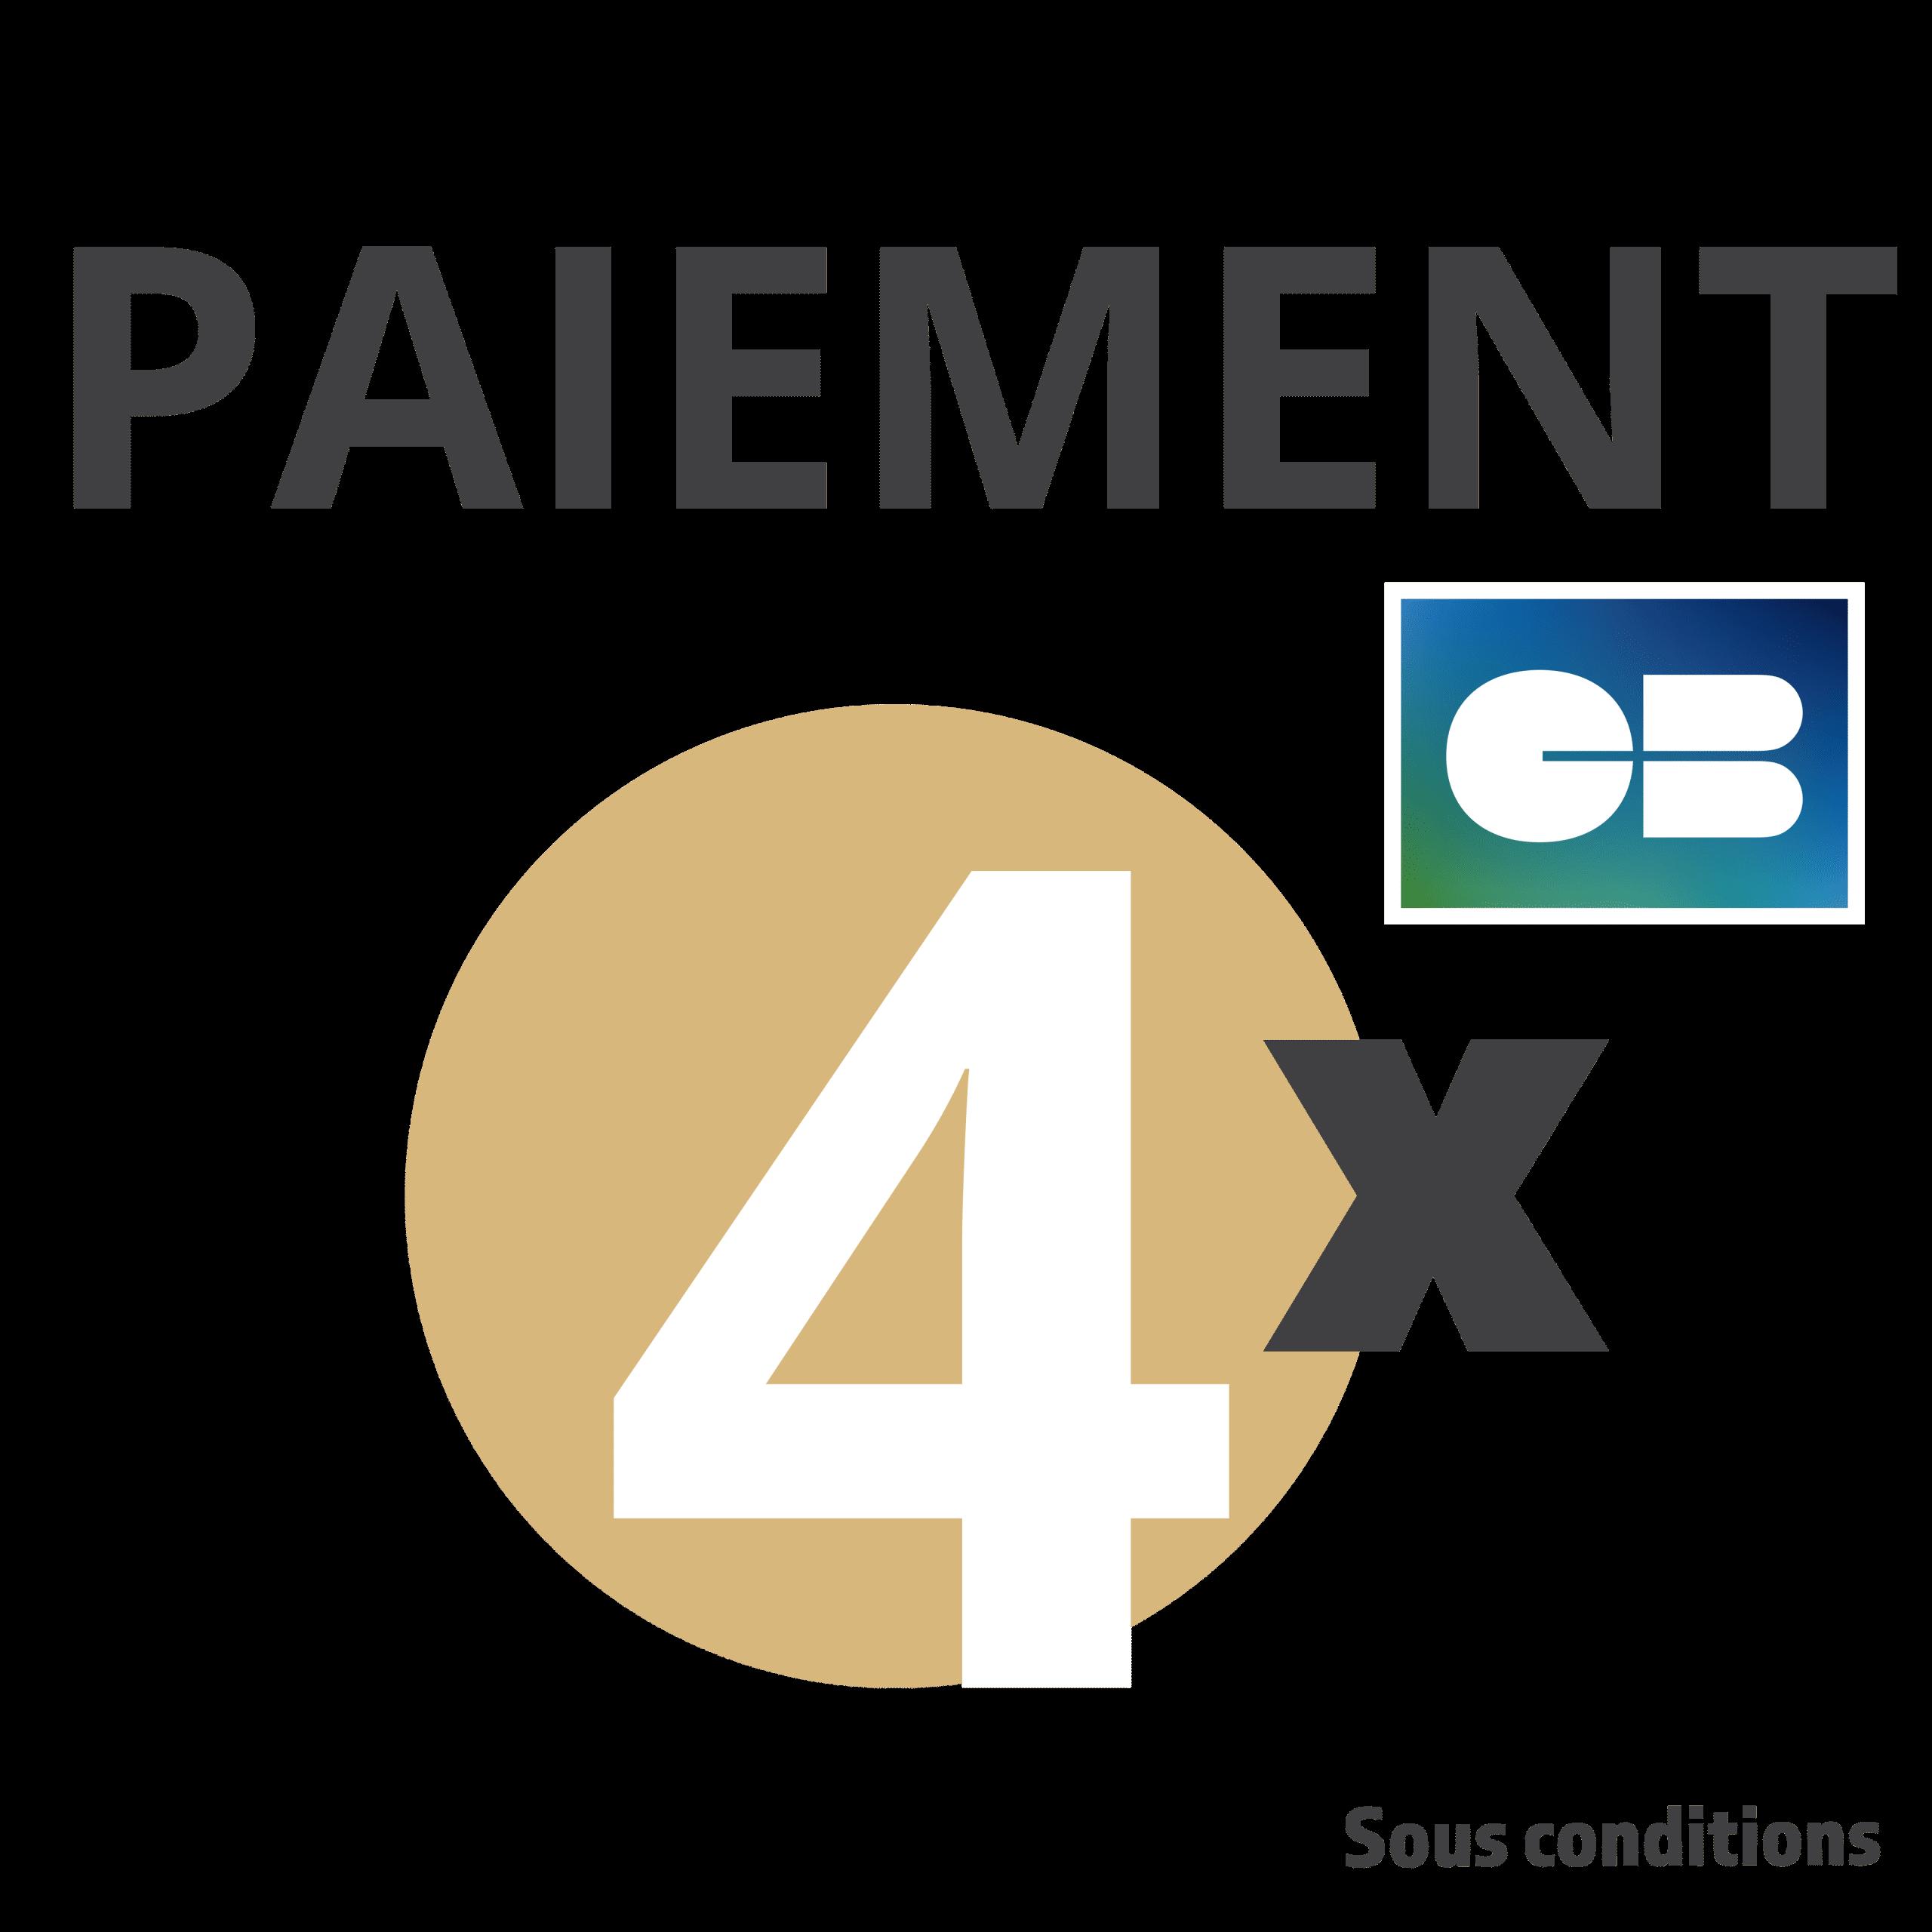 paiement 4x